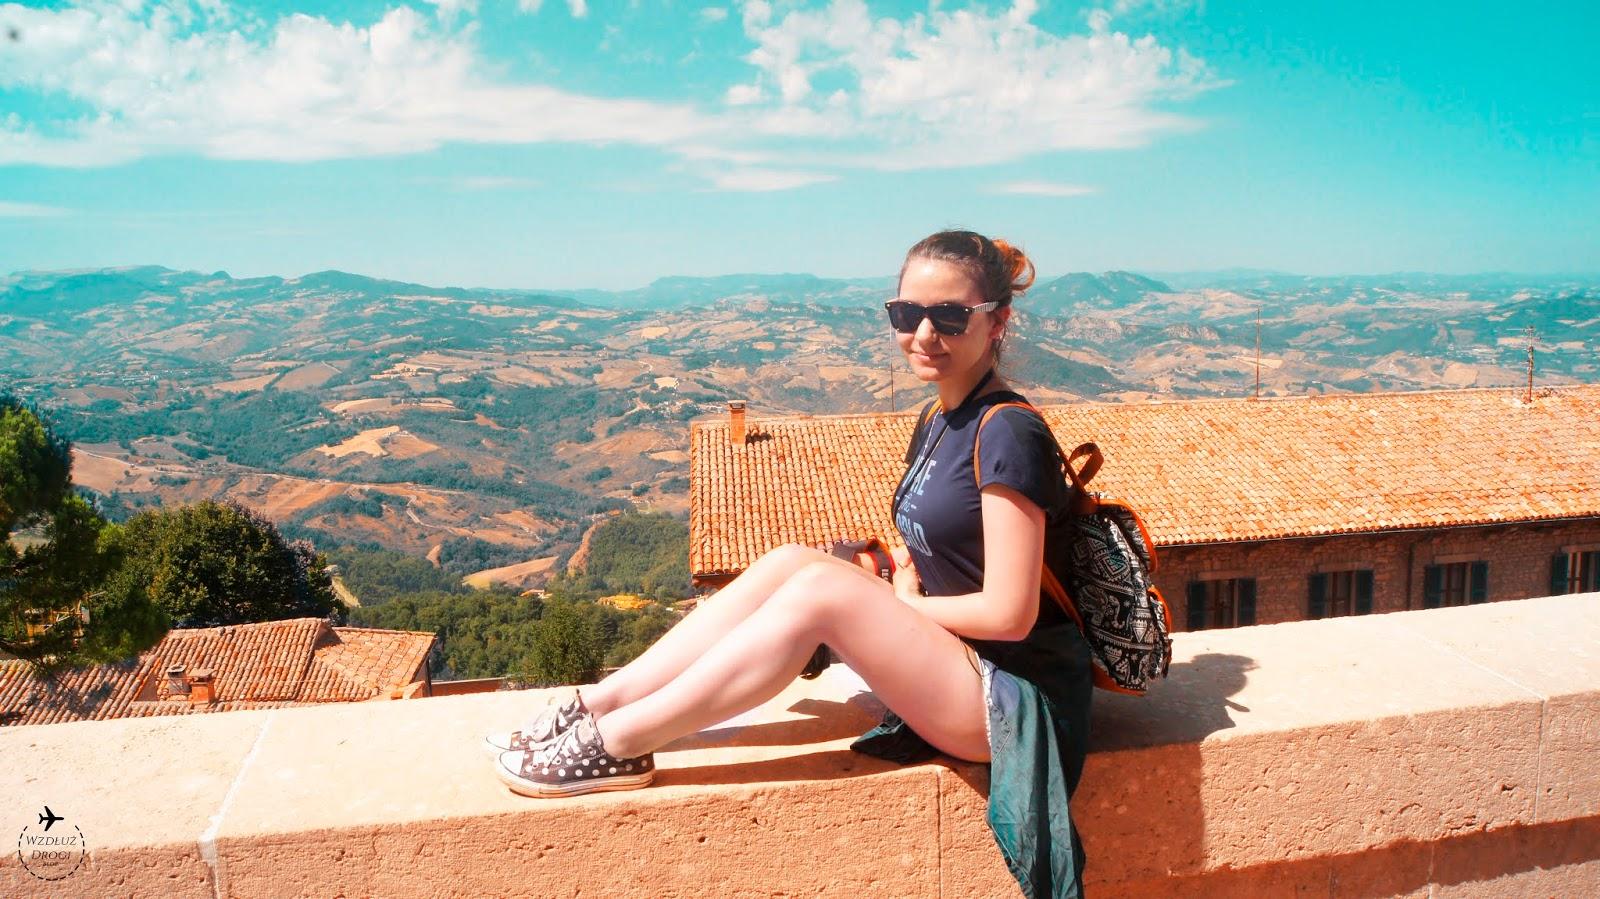 dziewczyna na tle włoskiego pejzażu